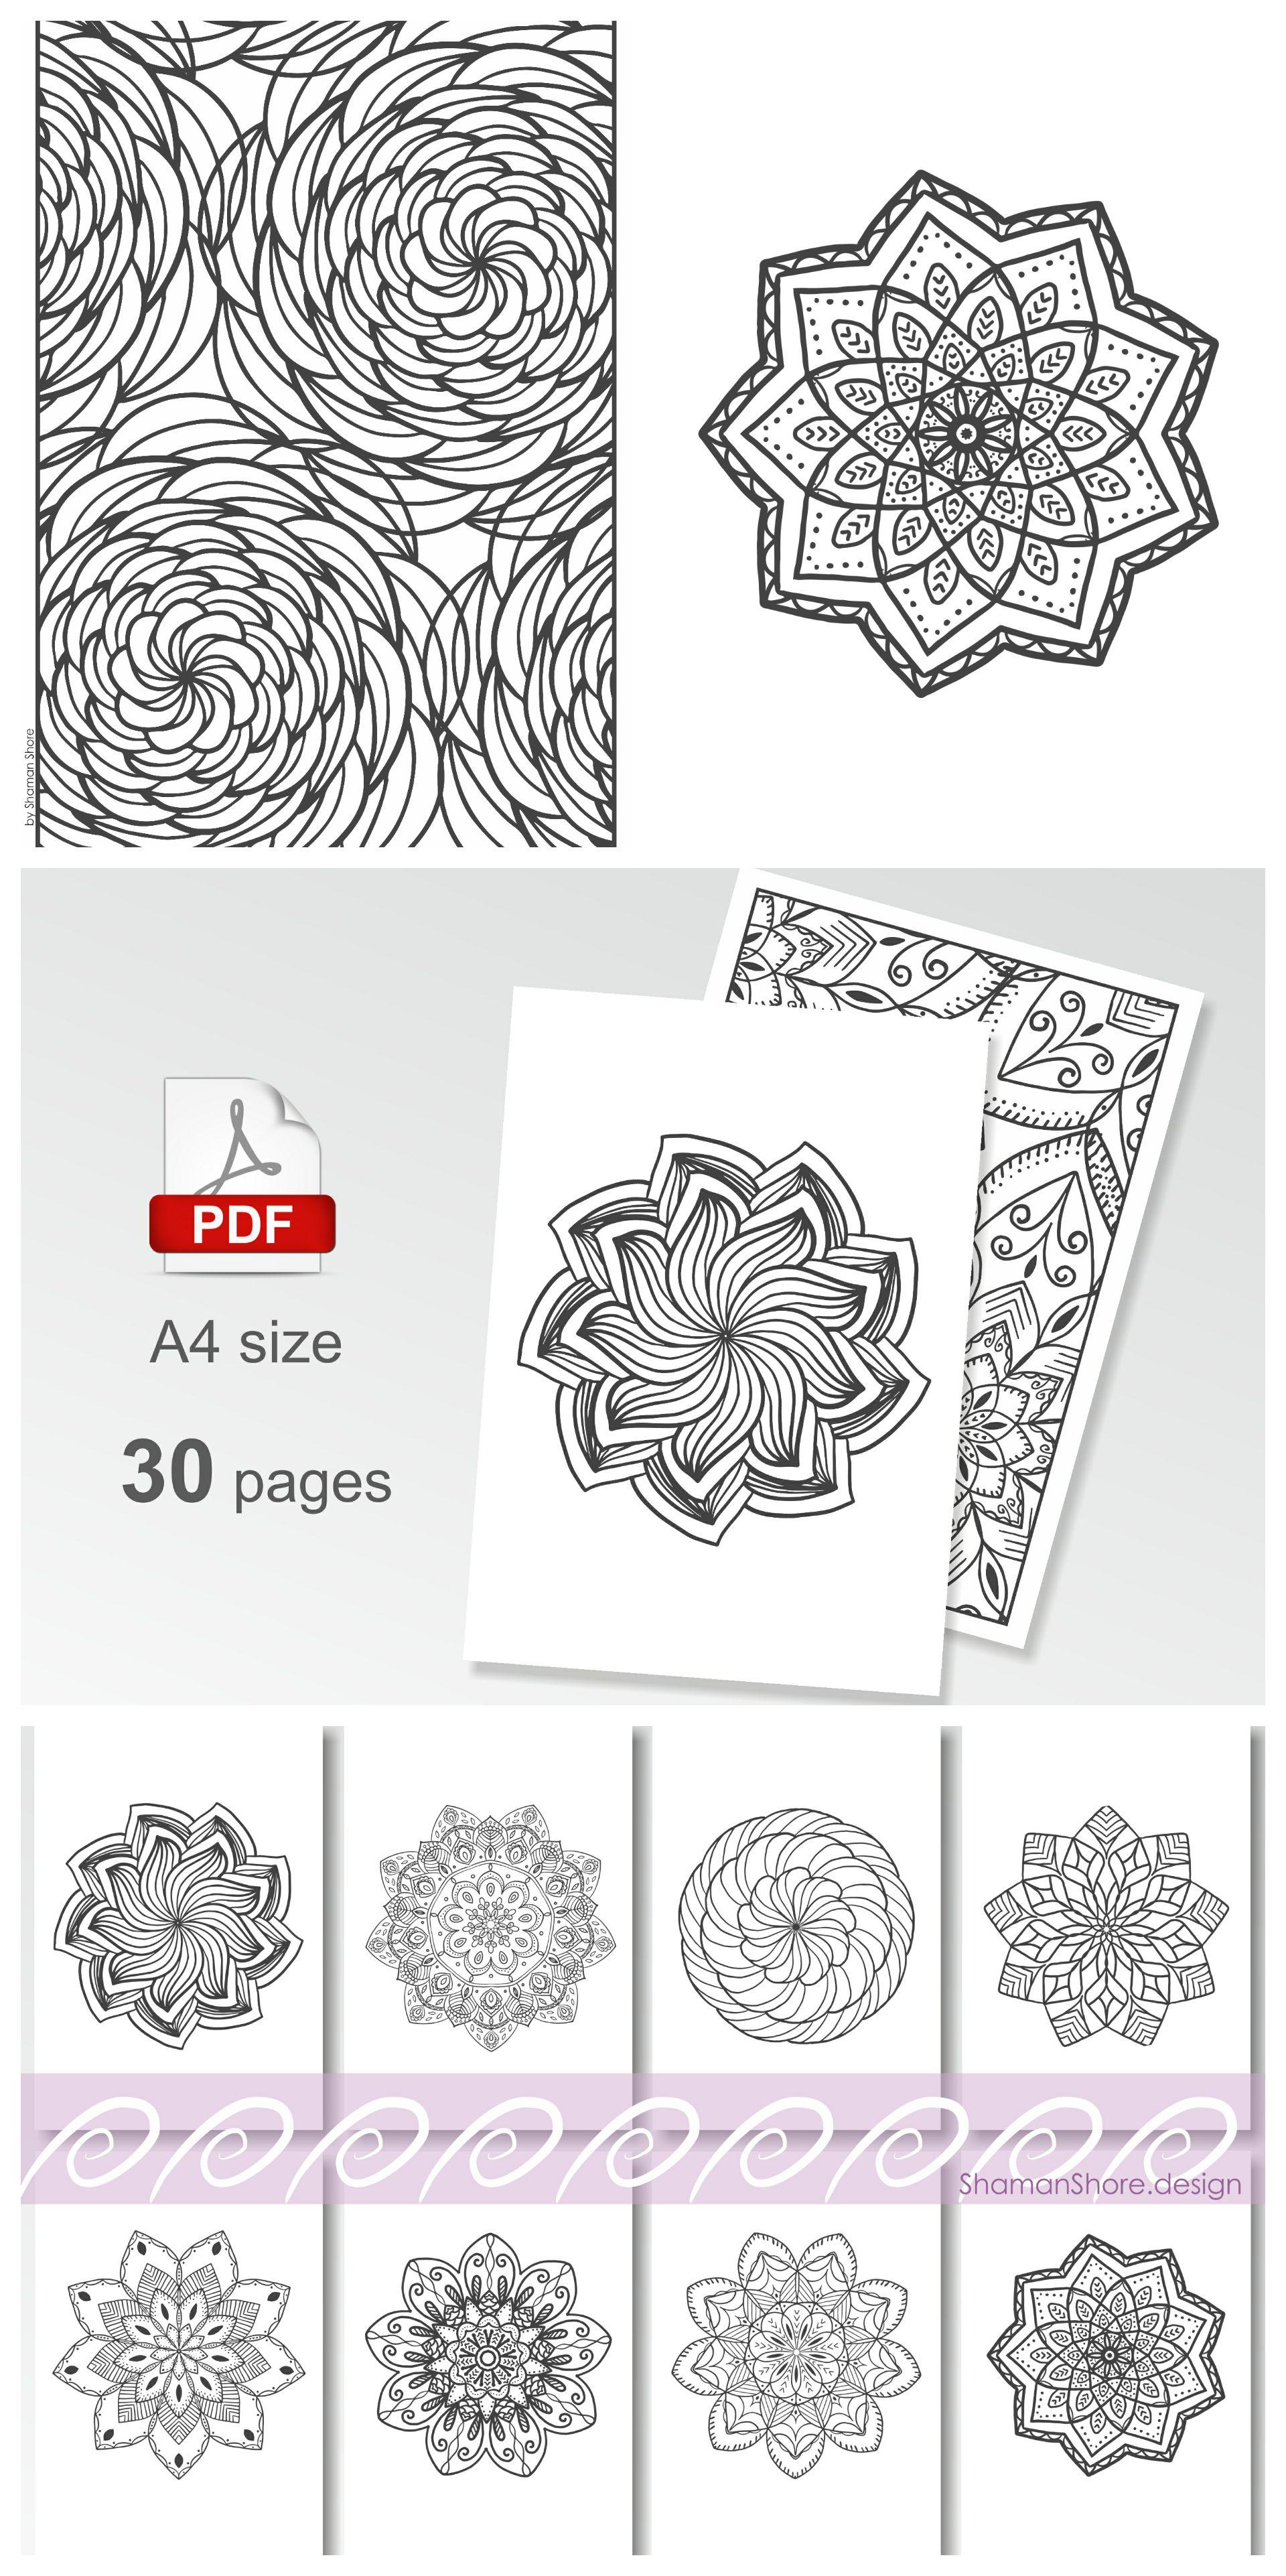 - Adult Digital Coloring Book Pdf, Mandala Coloring Books, Pdf